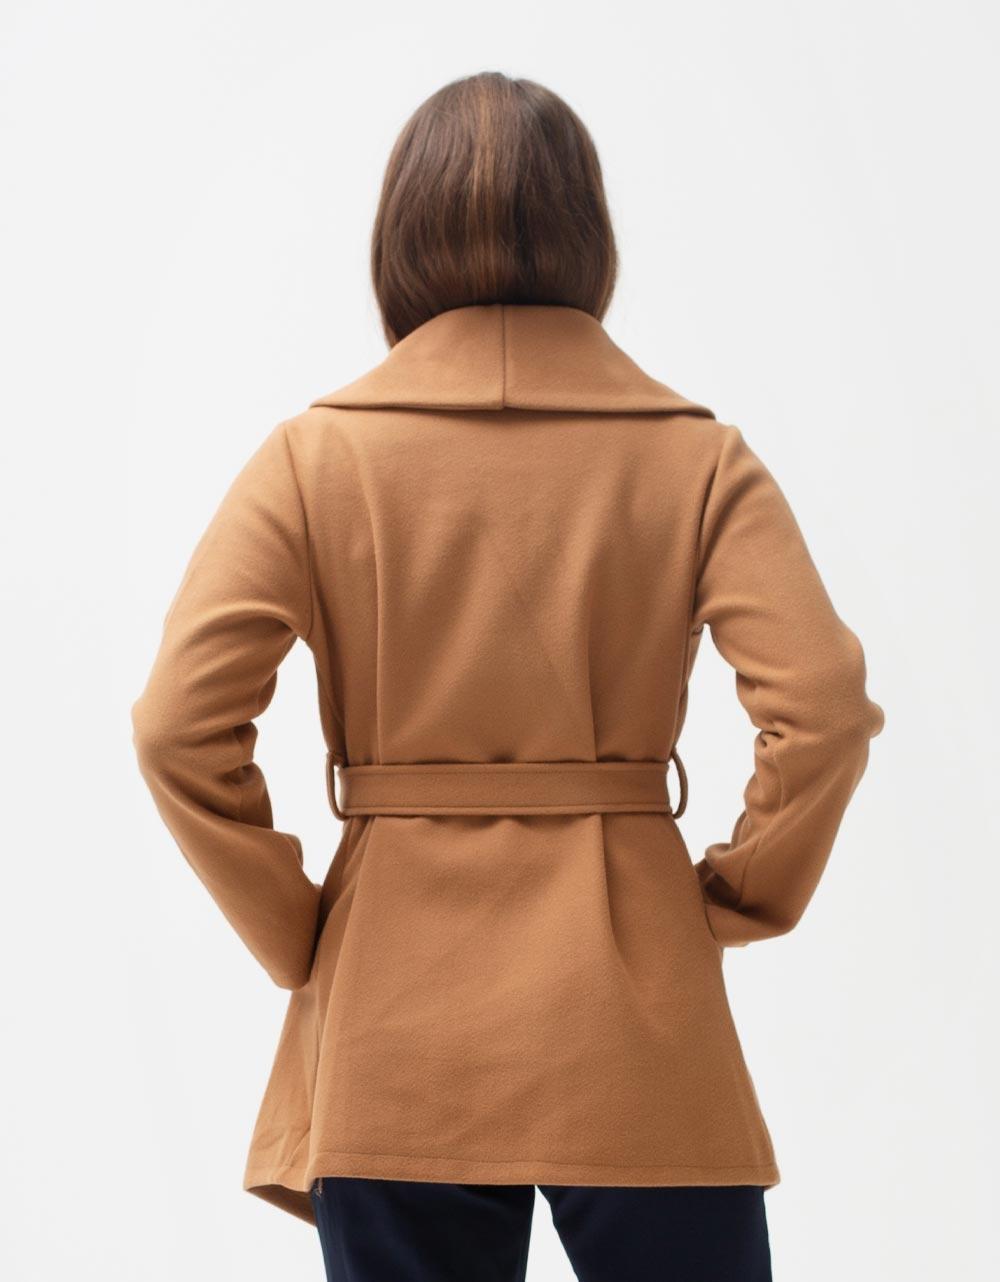 Εικόνα από Γυναικείο πανωφόρι με τσέπες Κάμελ